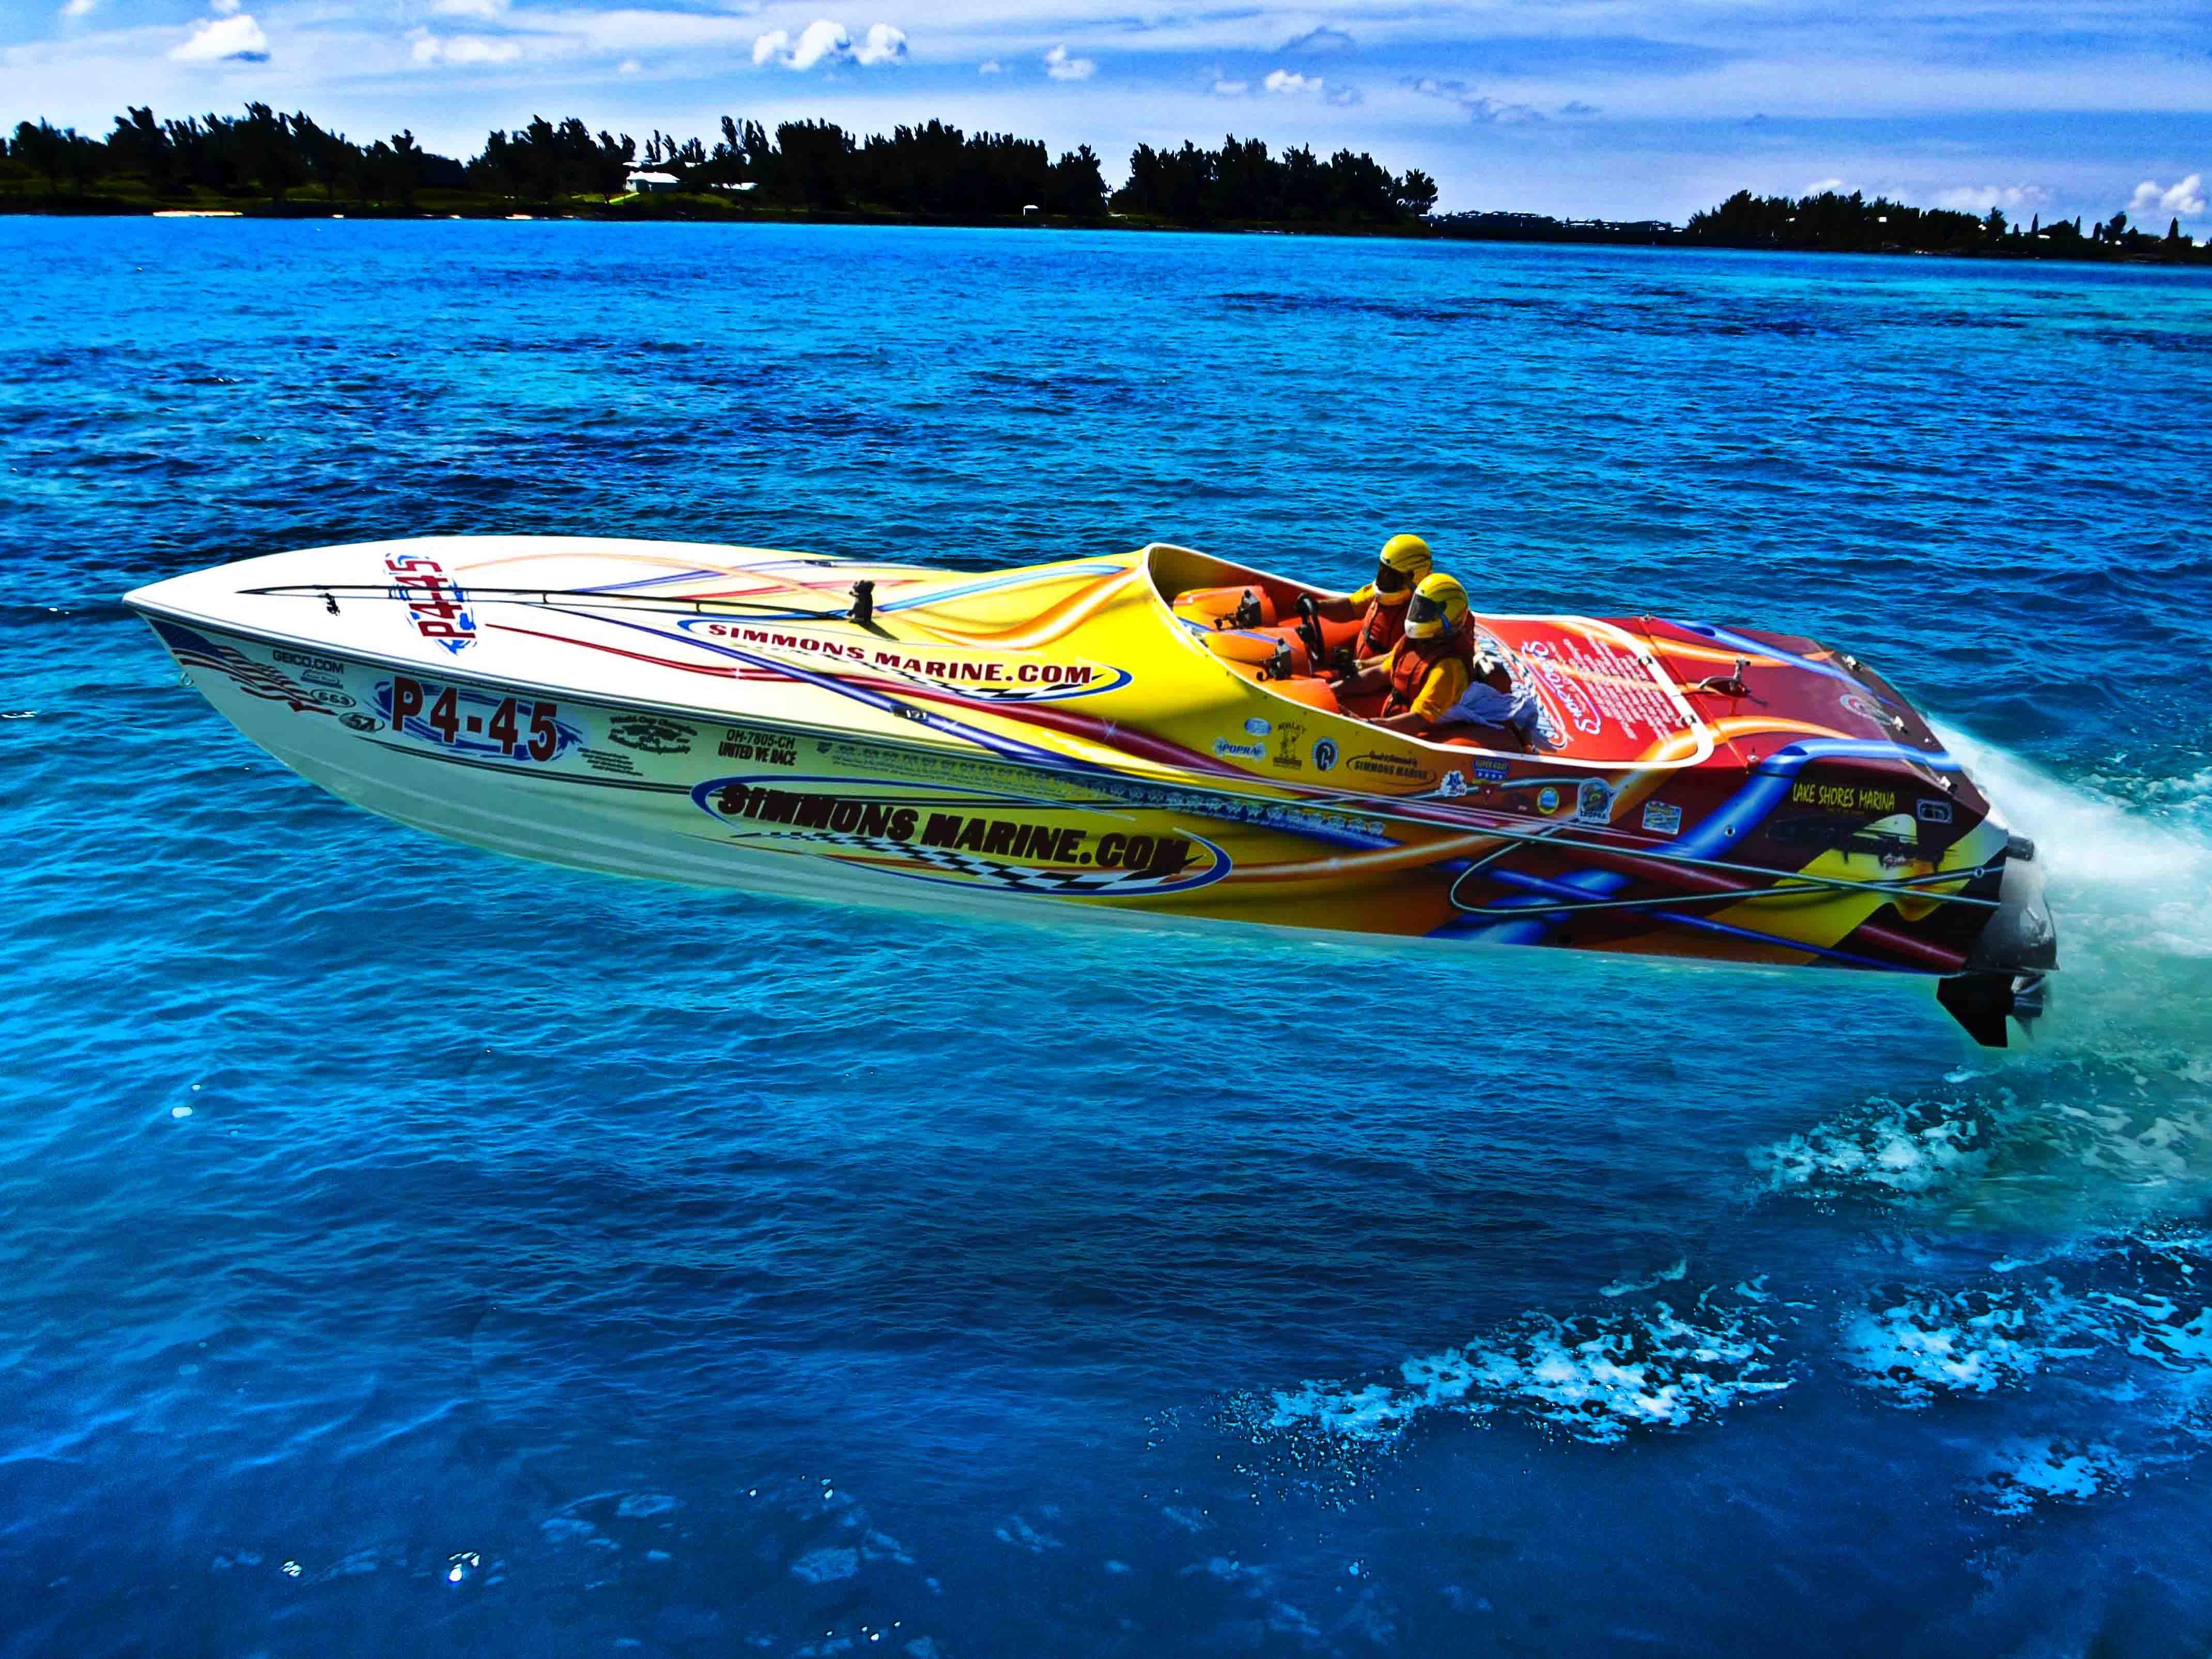 A Lot Of Attitude Boat Race Bermuda Boat Boat Race Power Boats